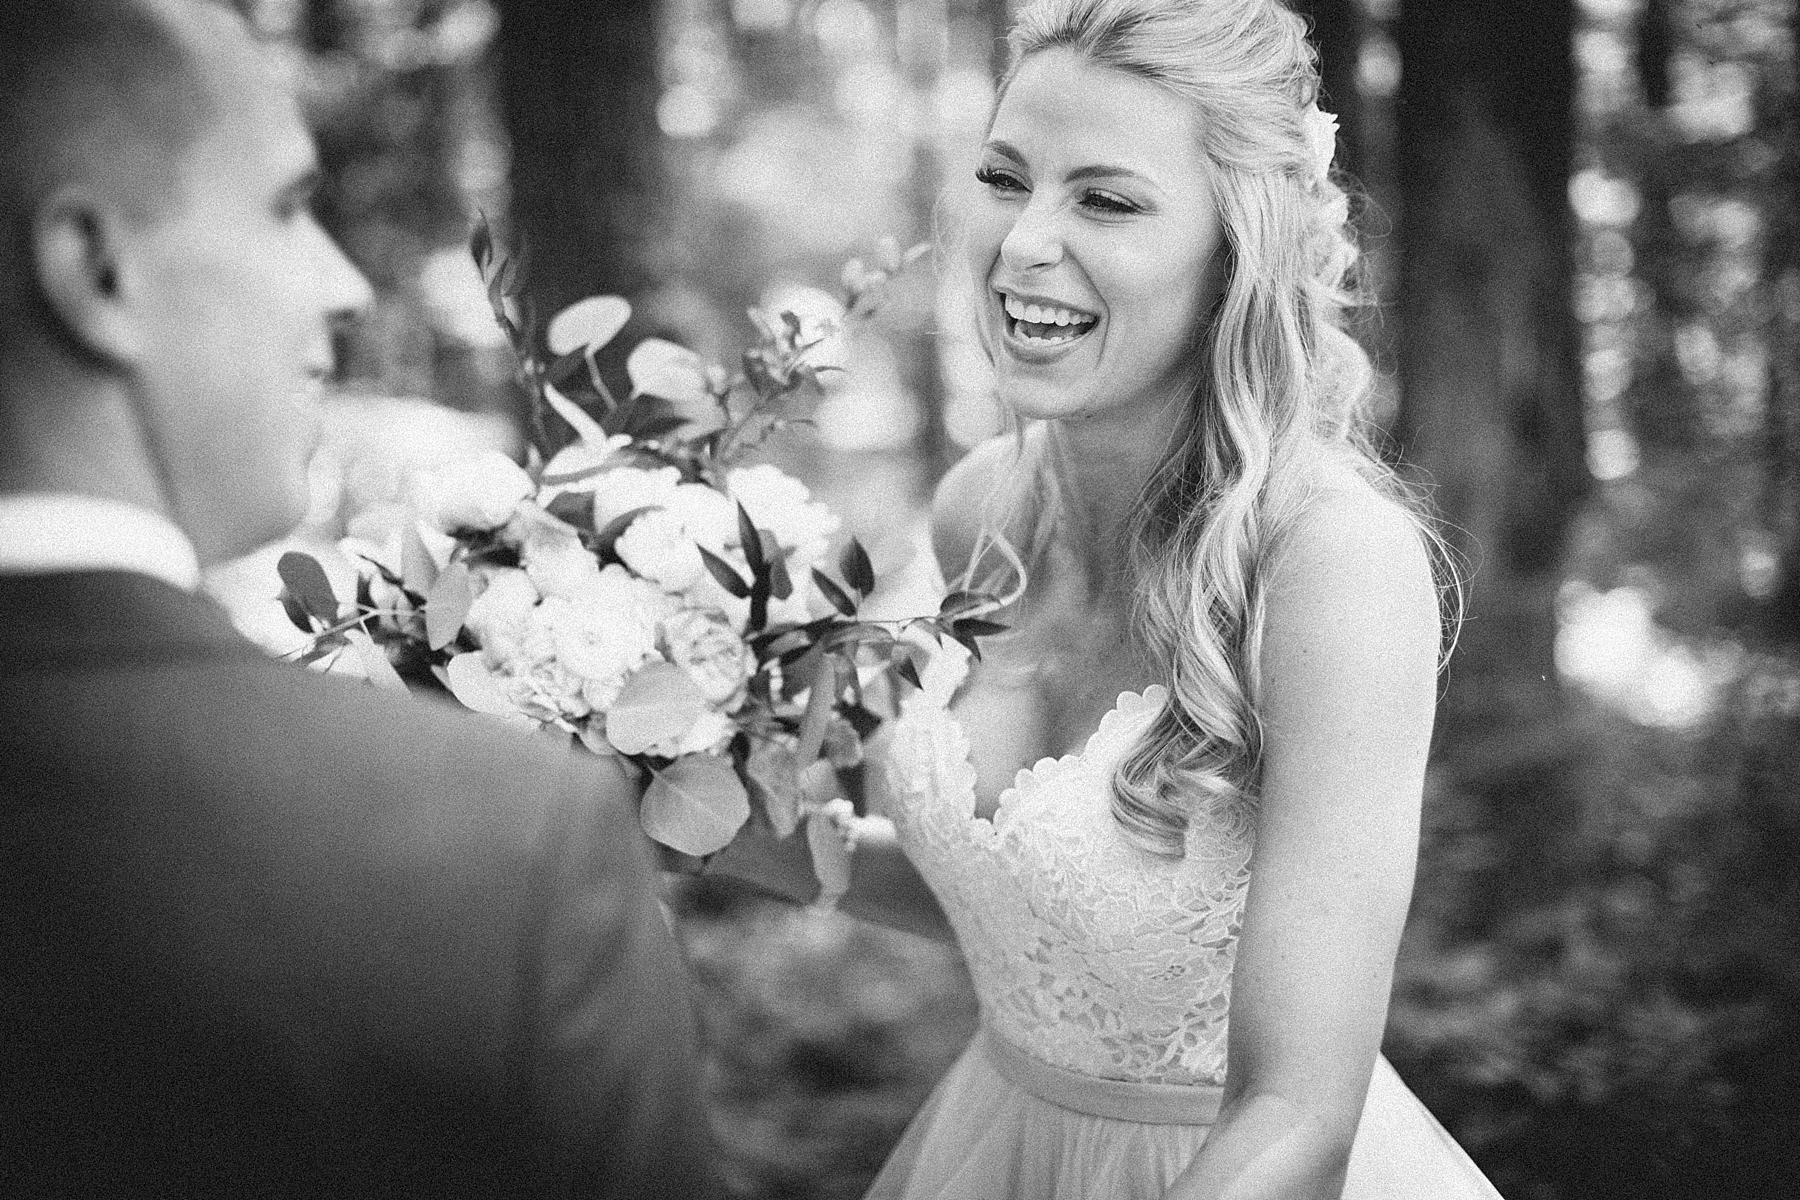 childhood-home-wedding-new-hope-pa-lambertville-nj_0030.jpg